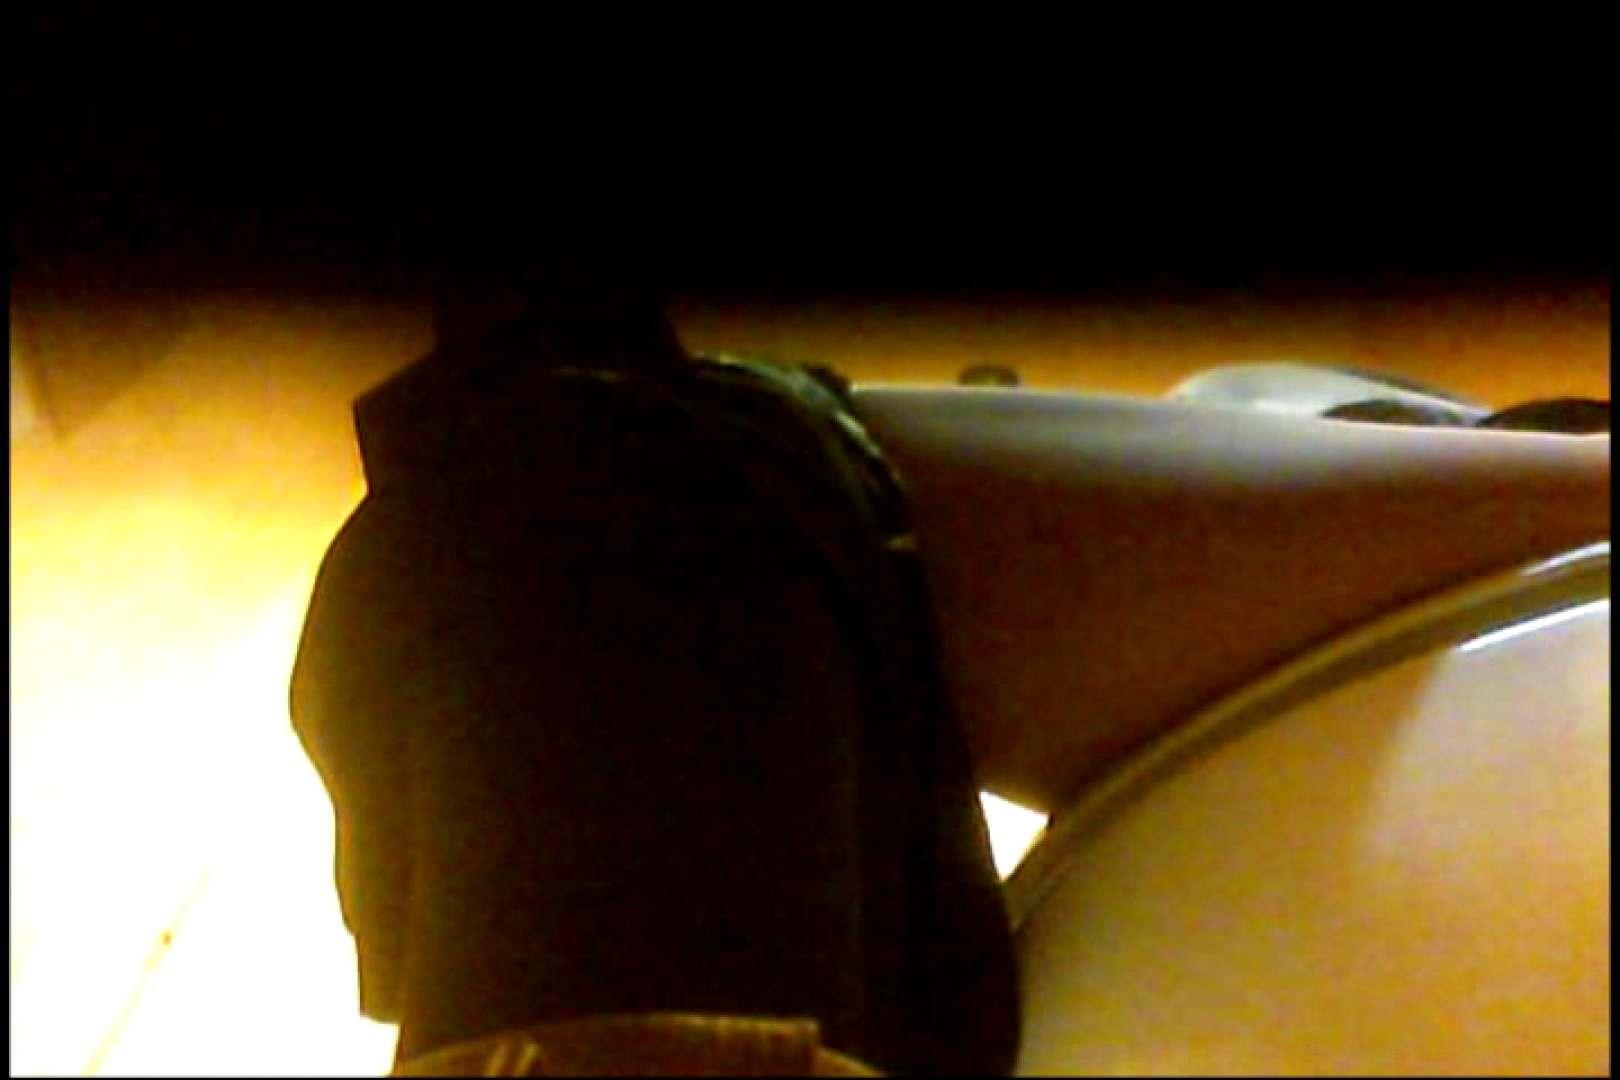 画質向上!新亀さん厠 vol.32 モロだしオマンコ ワレメ無修正動画無料 79pic 77